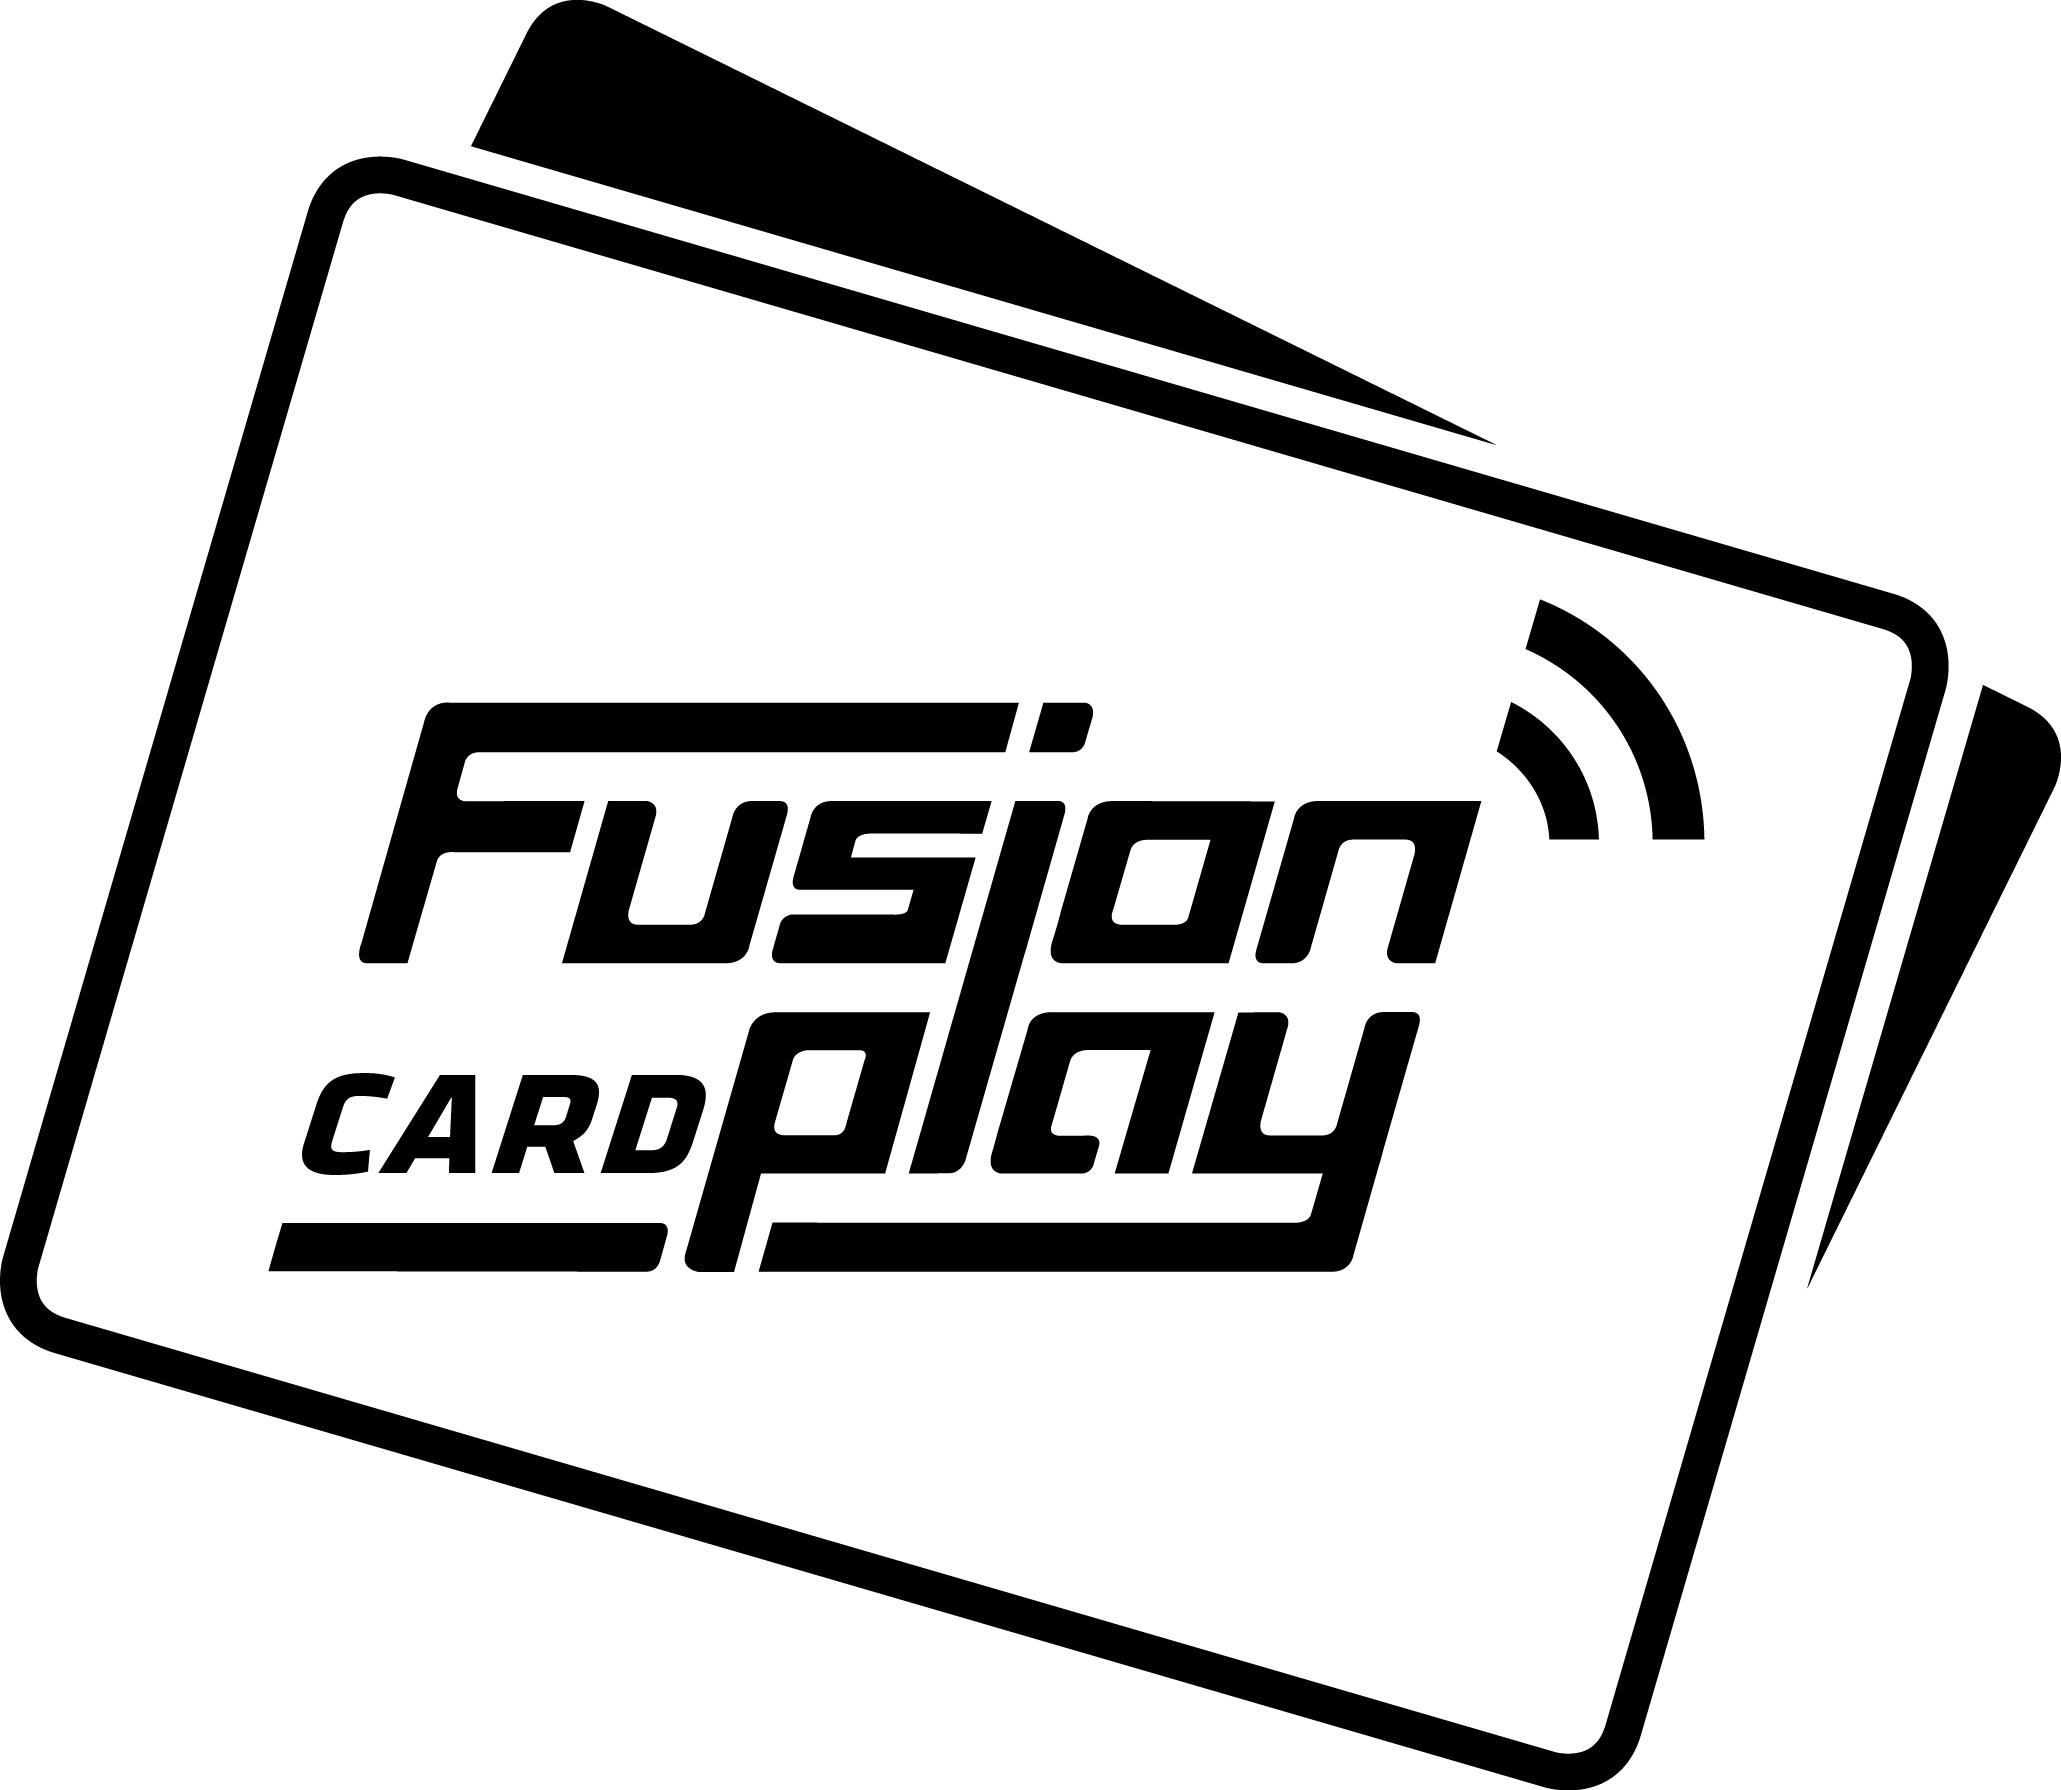 fusionplay_card_logo_1c.jpg